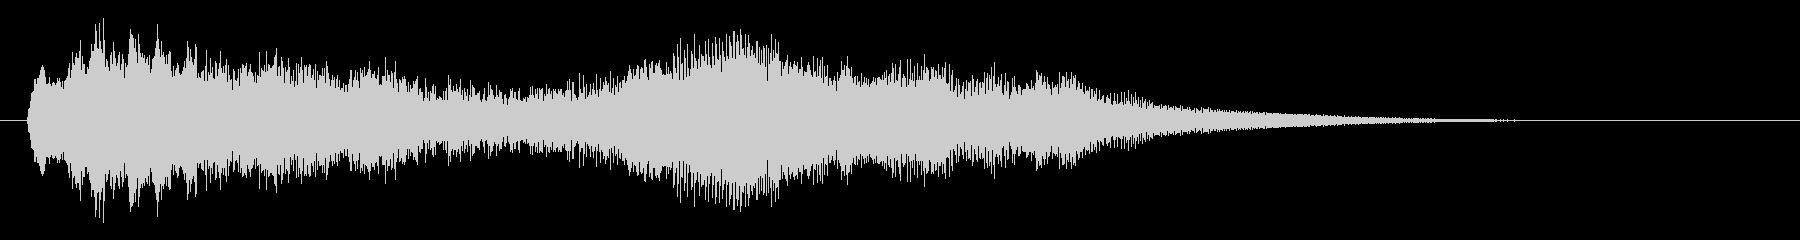 ストリングスとハープの透明感あるジングルの未再生の波形